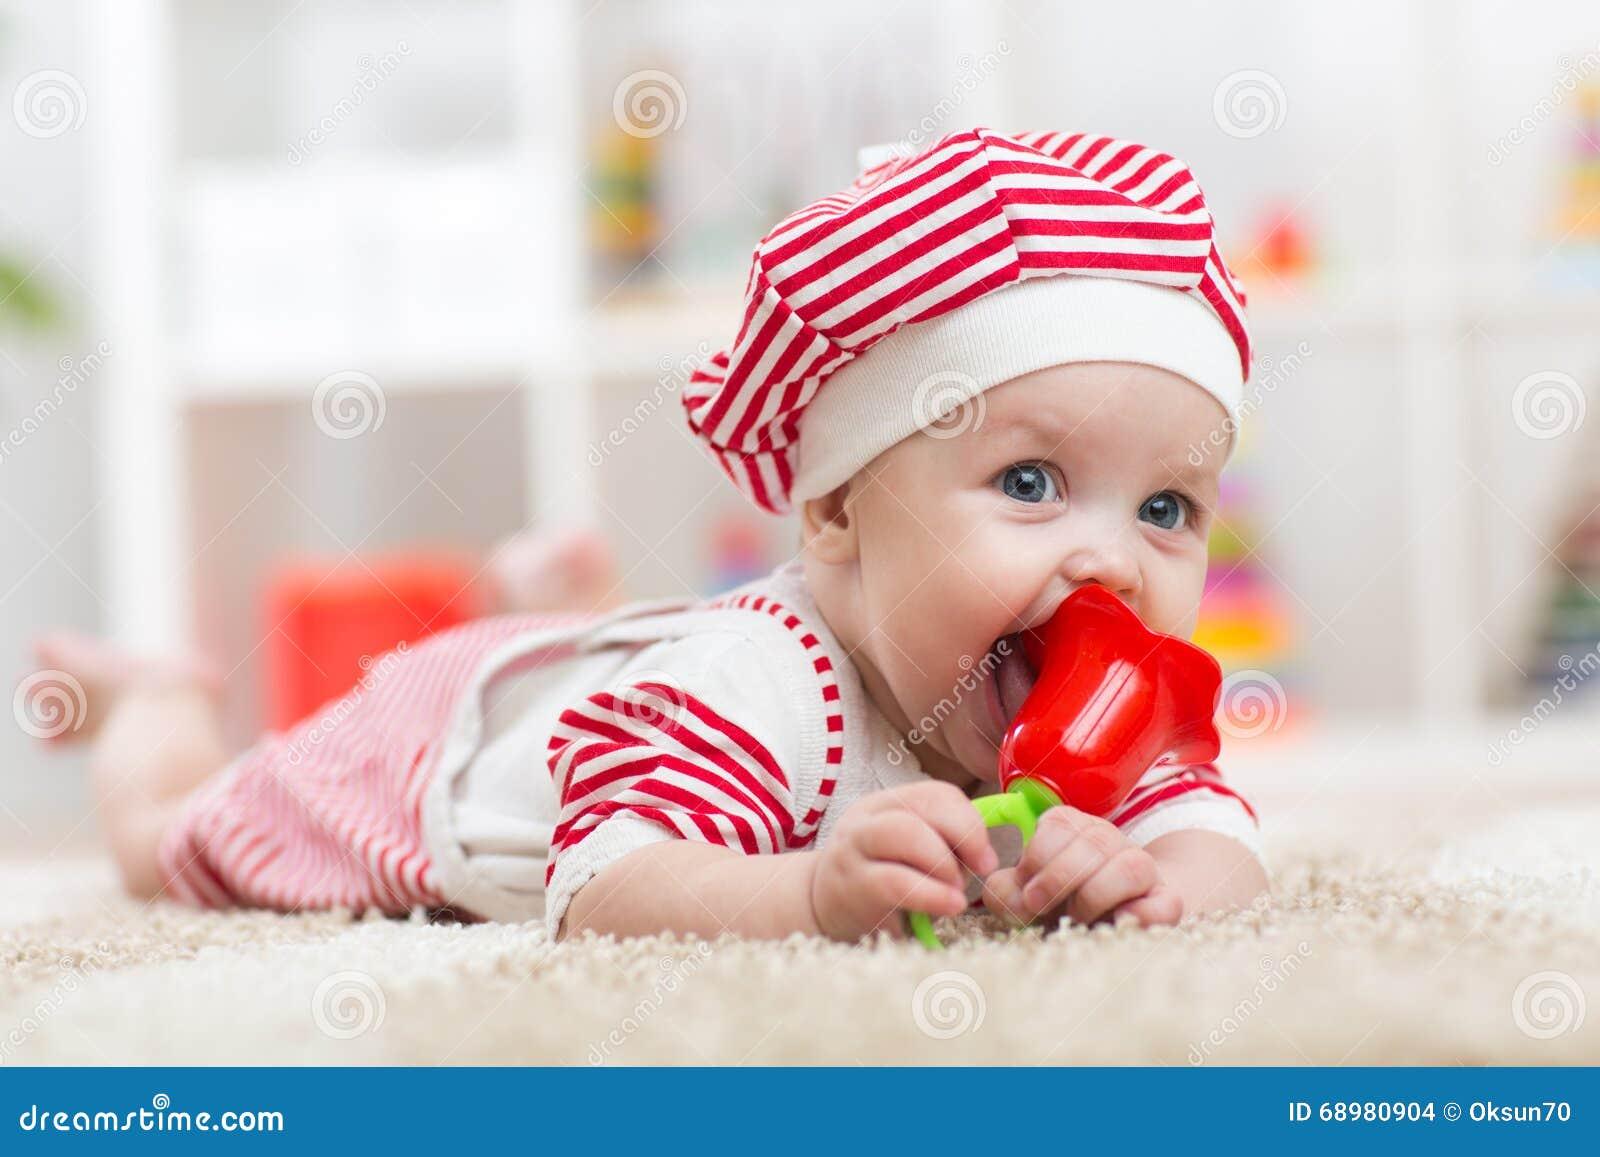 Младенец держа игрушку и лежа на животе в питомнике